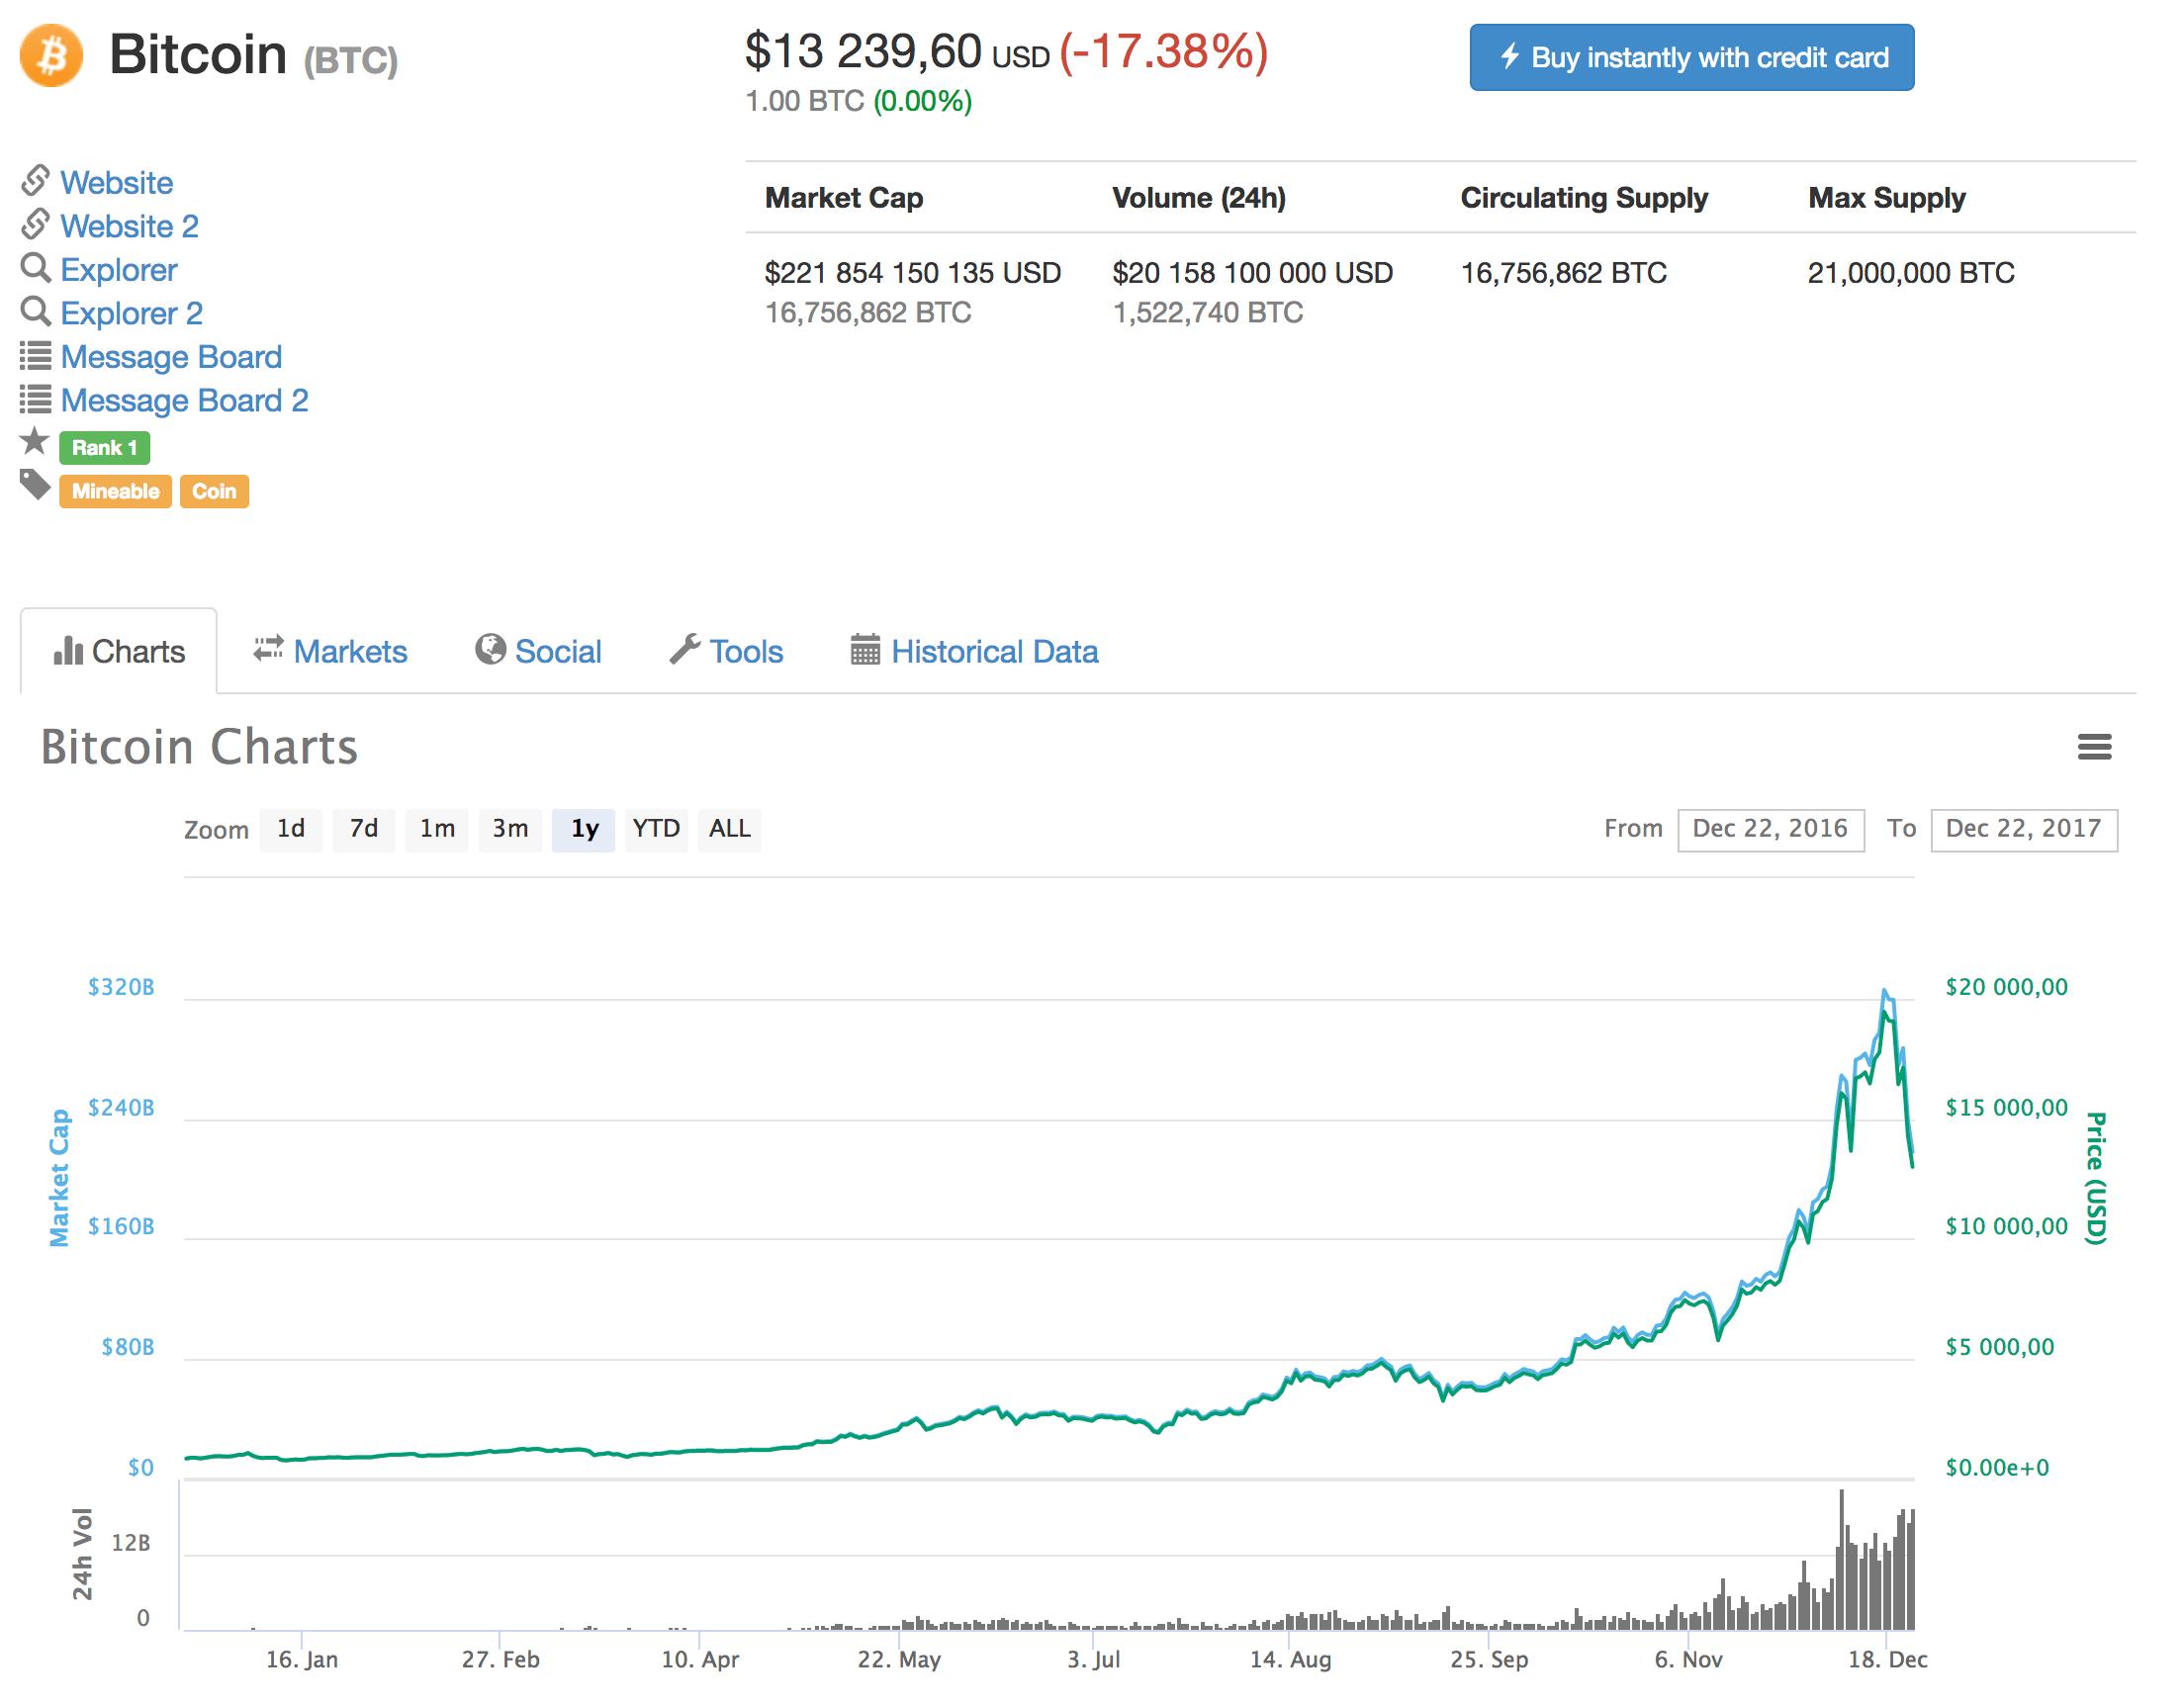 Kurs bitcoina w ciągu ostatniego roku